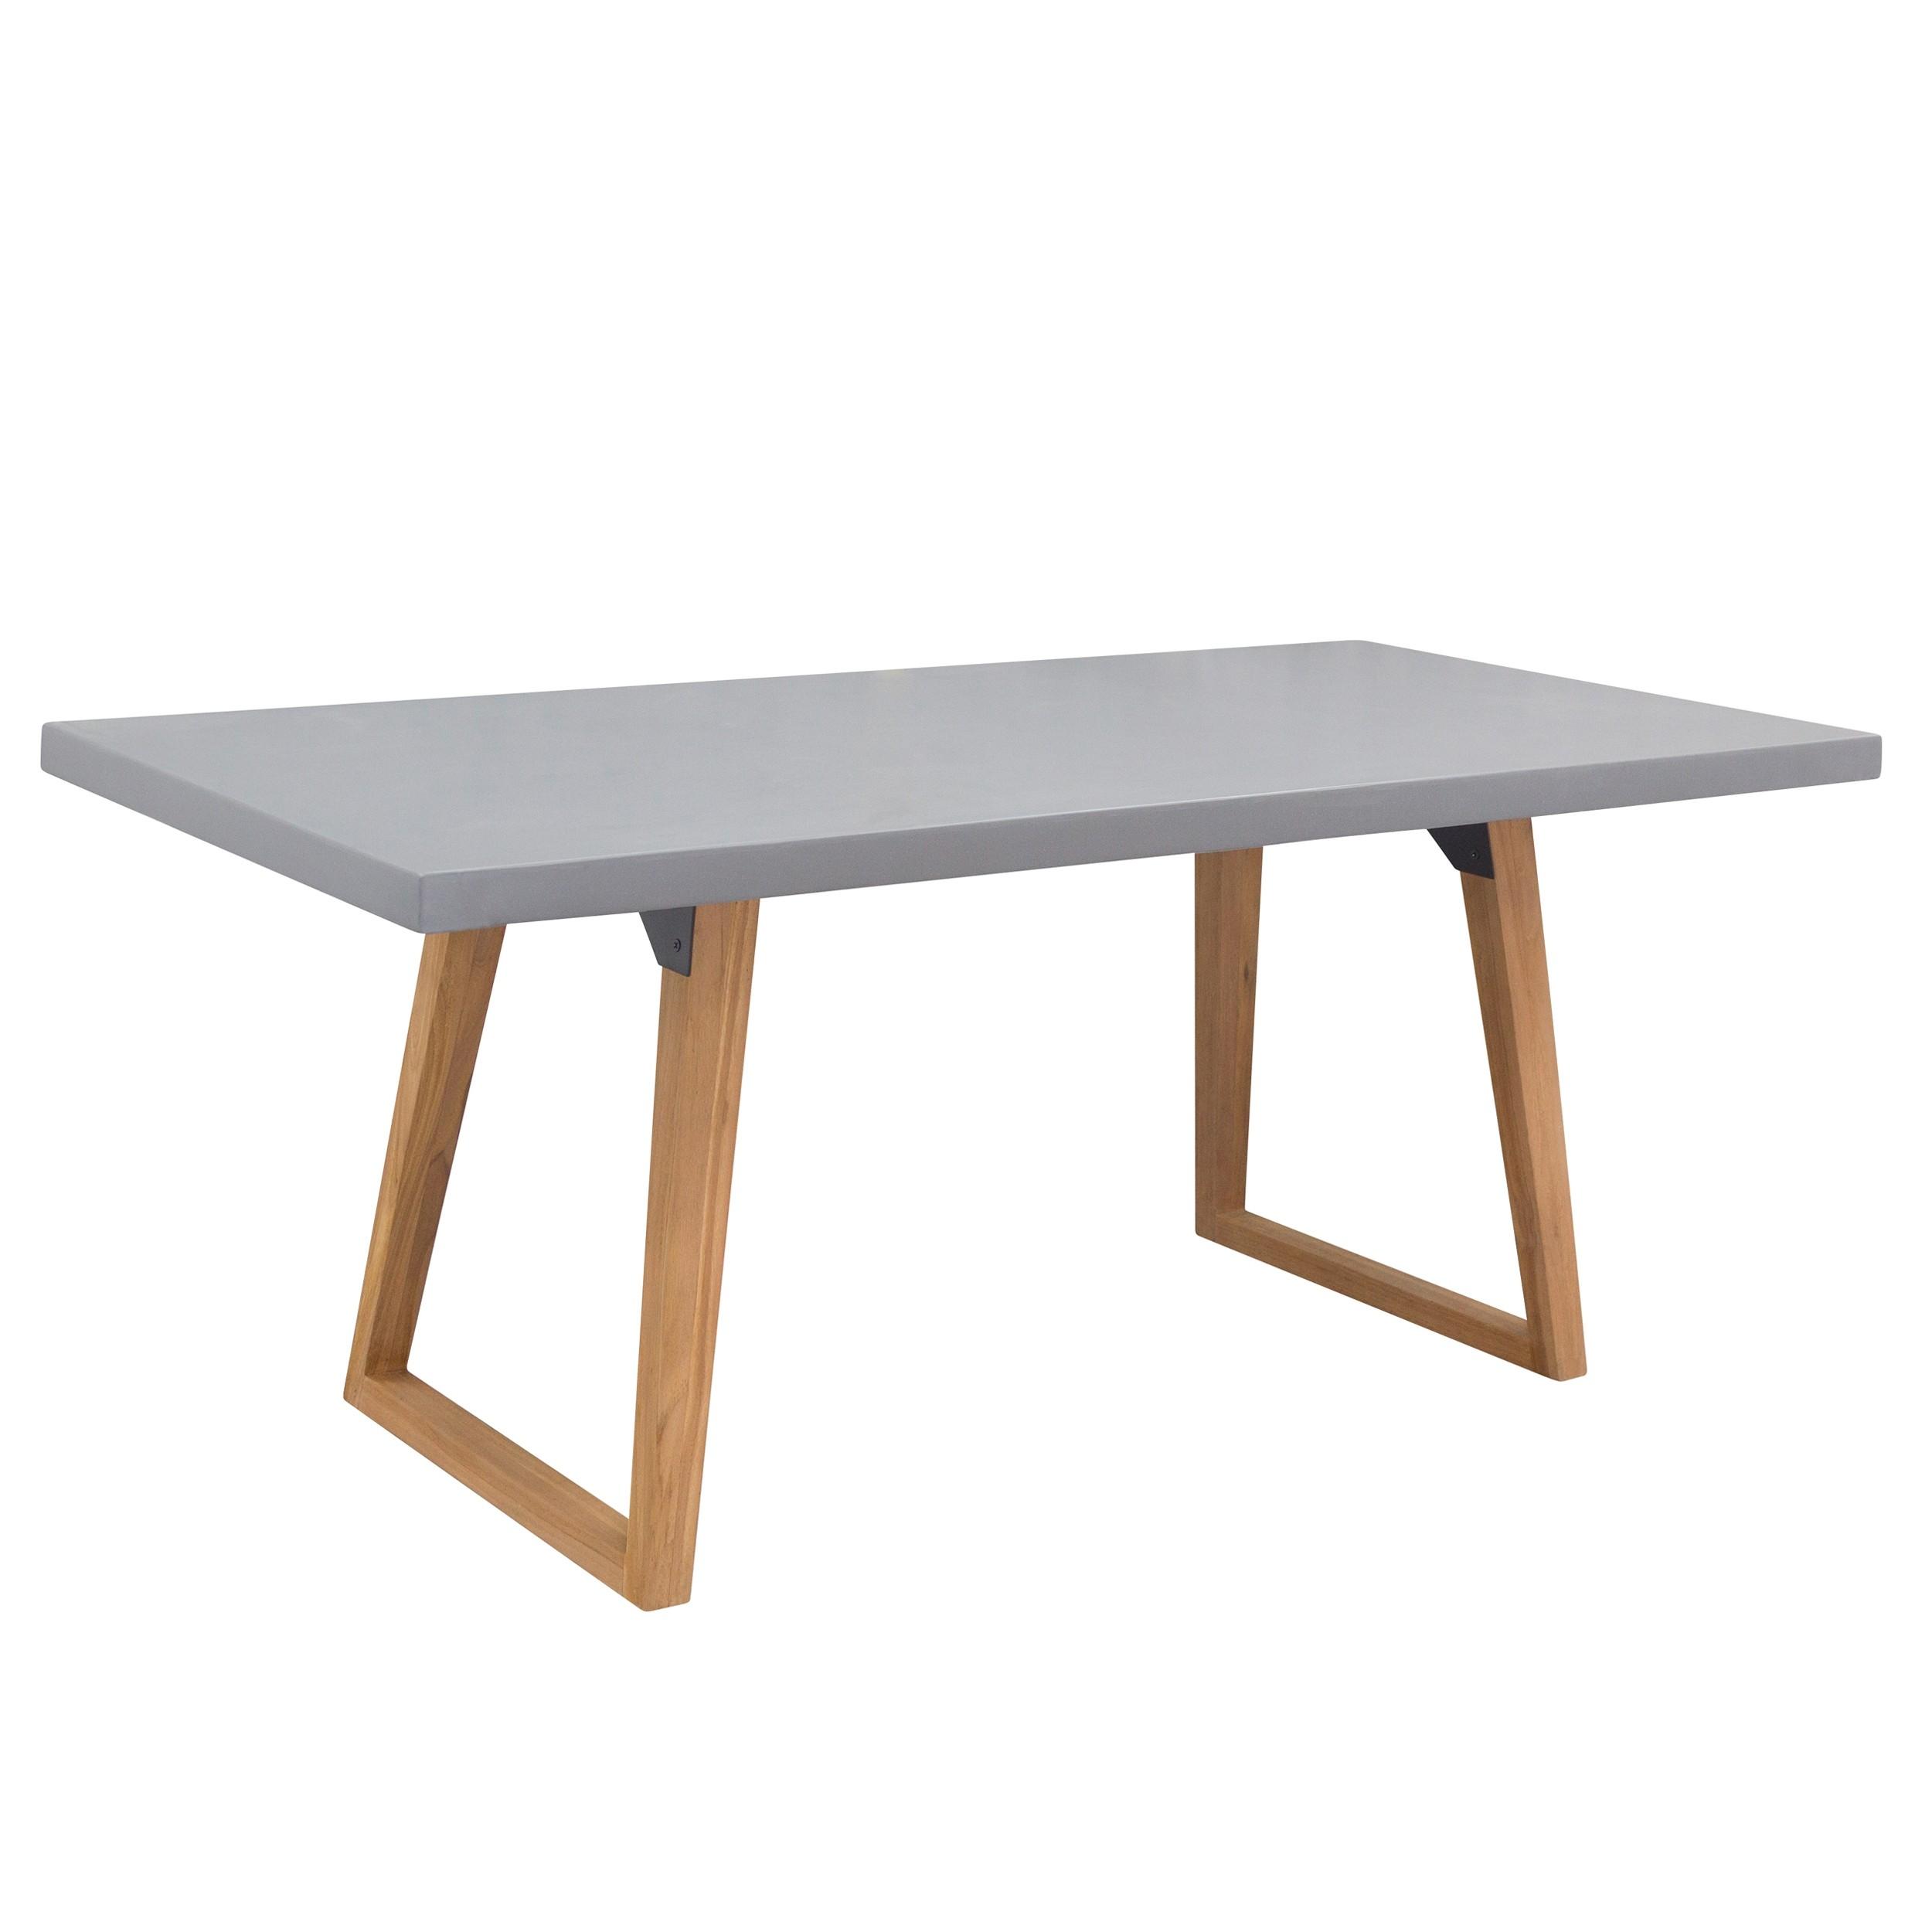 acheter table rectangulaire 180 cm en beton